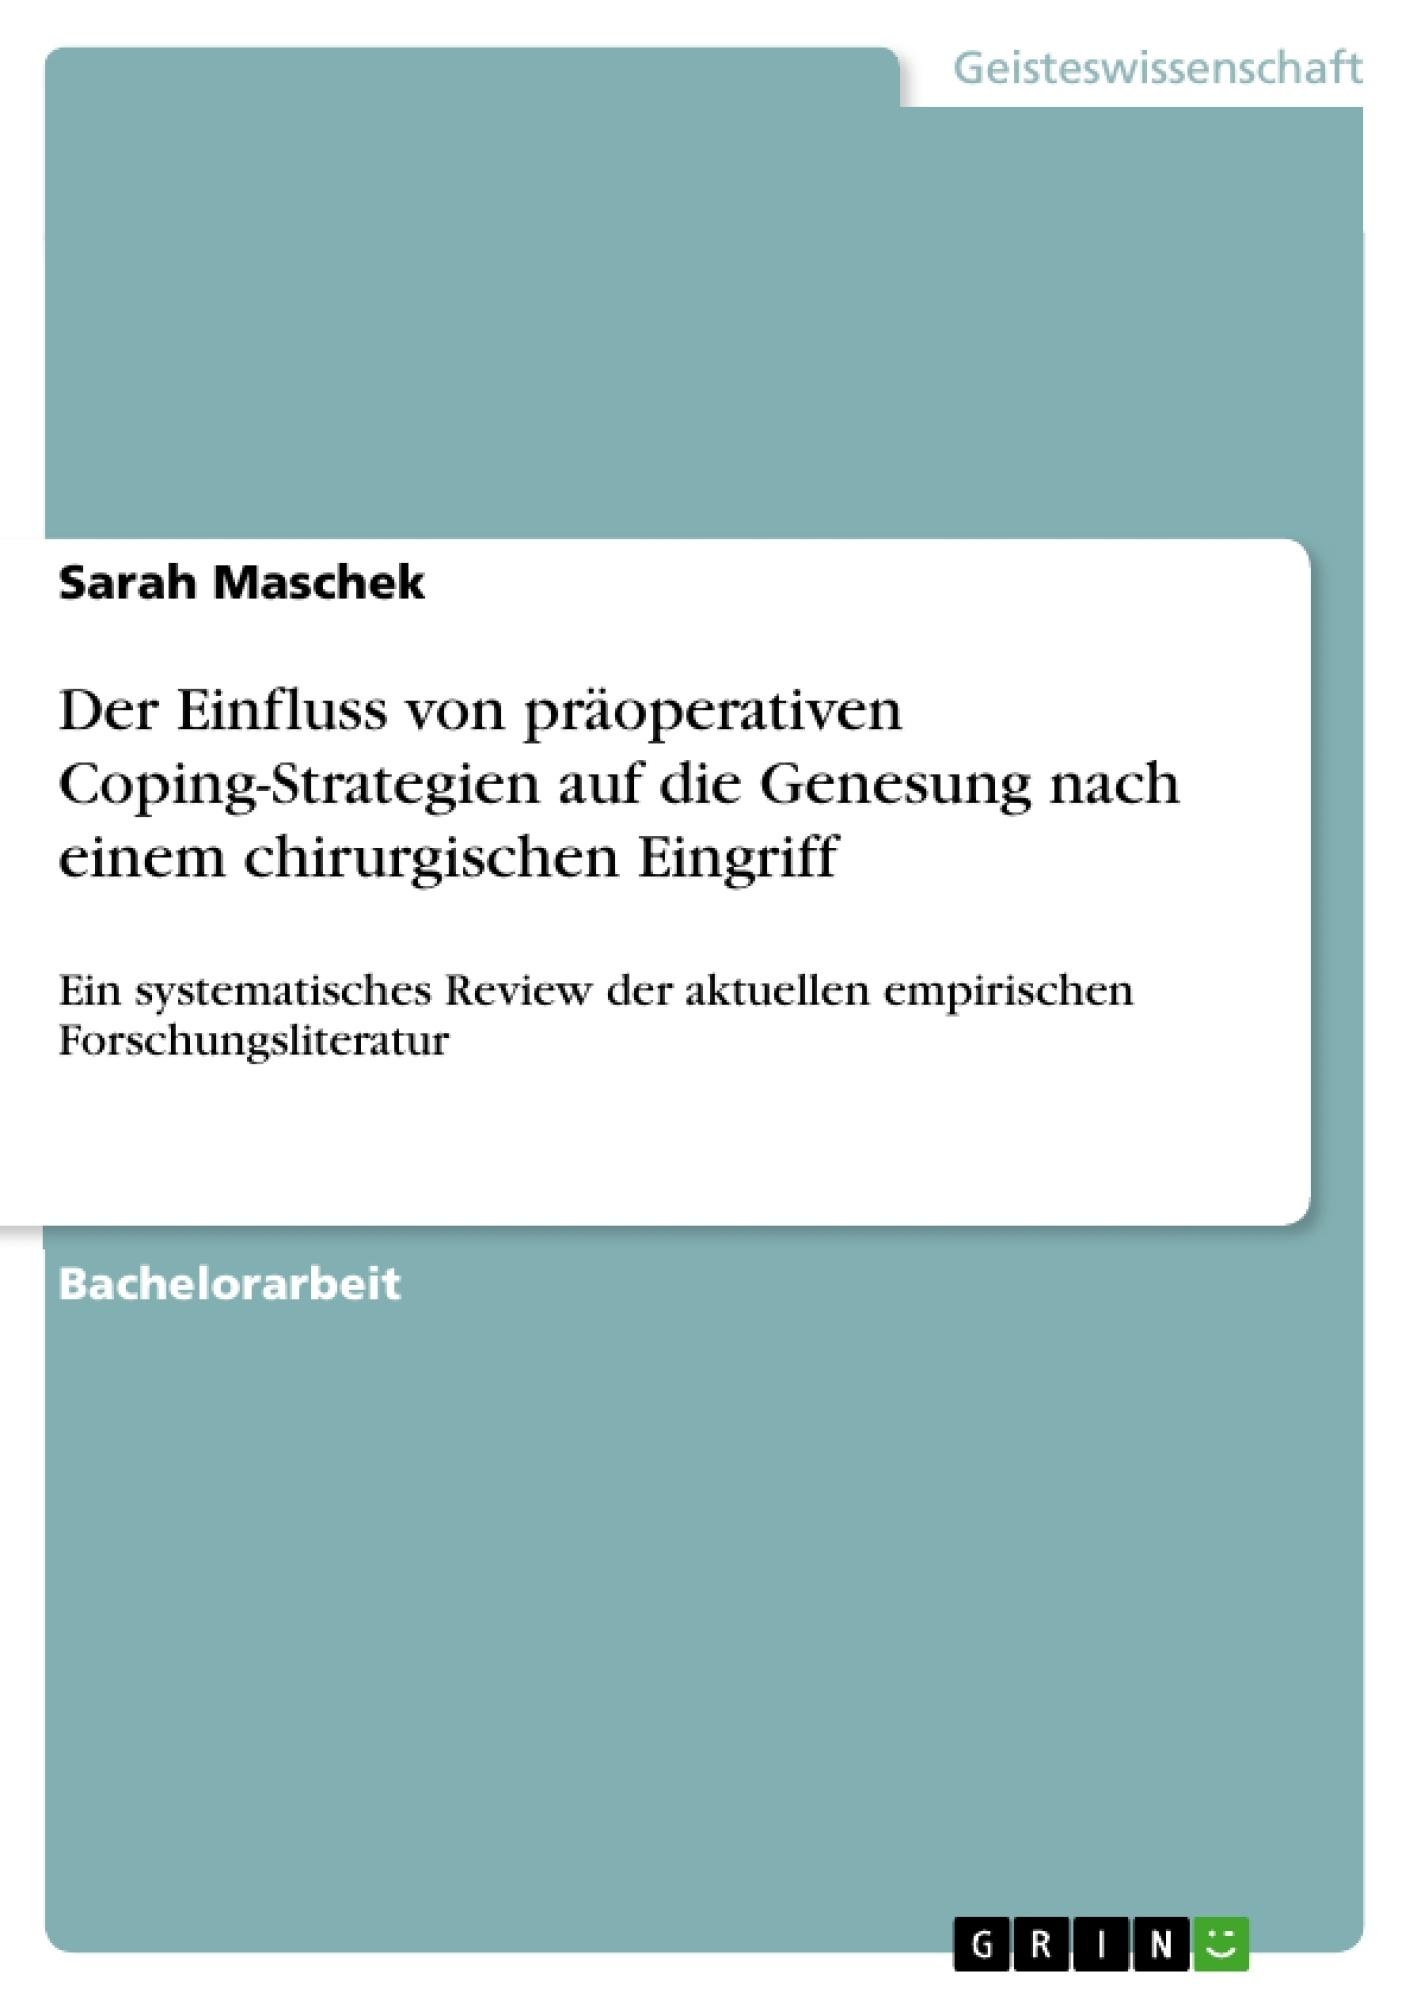 Titel: Der Einfluss von präoperativen Coping-Strategien auf die Genesung nach einem chirurgischen Eingriff